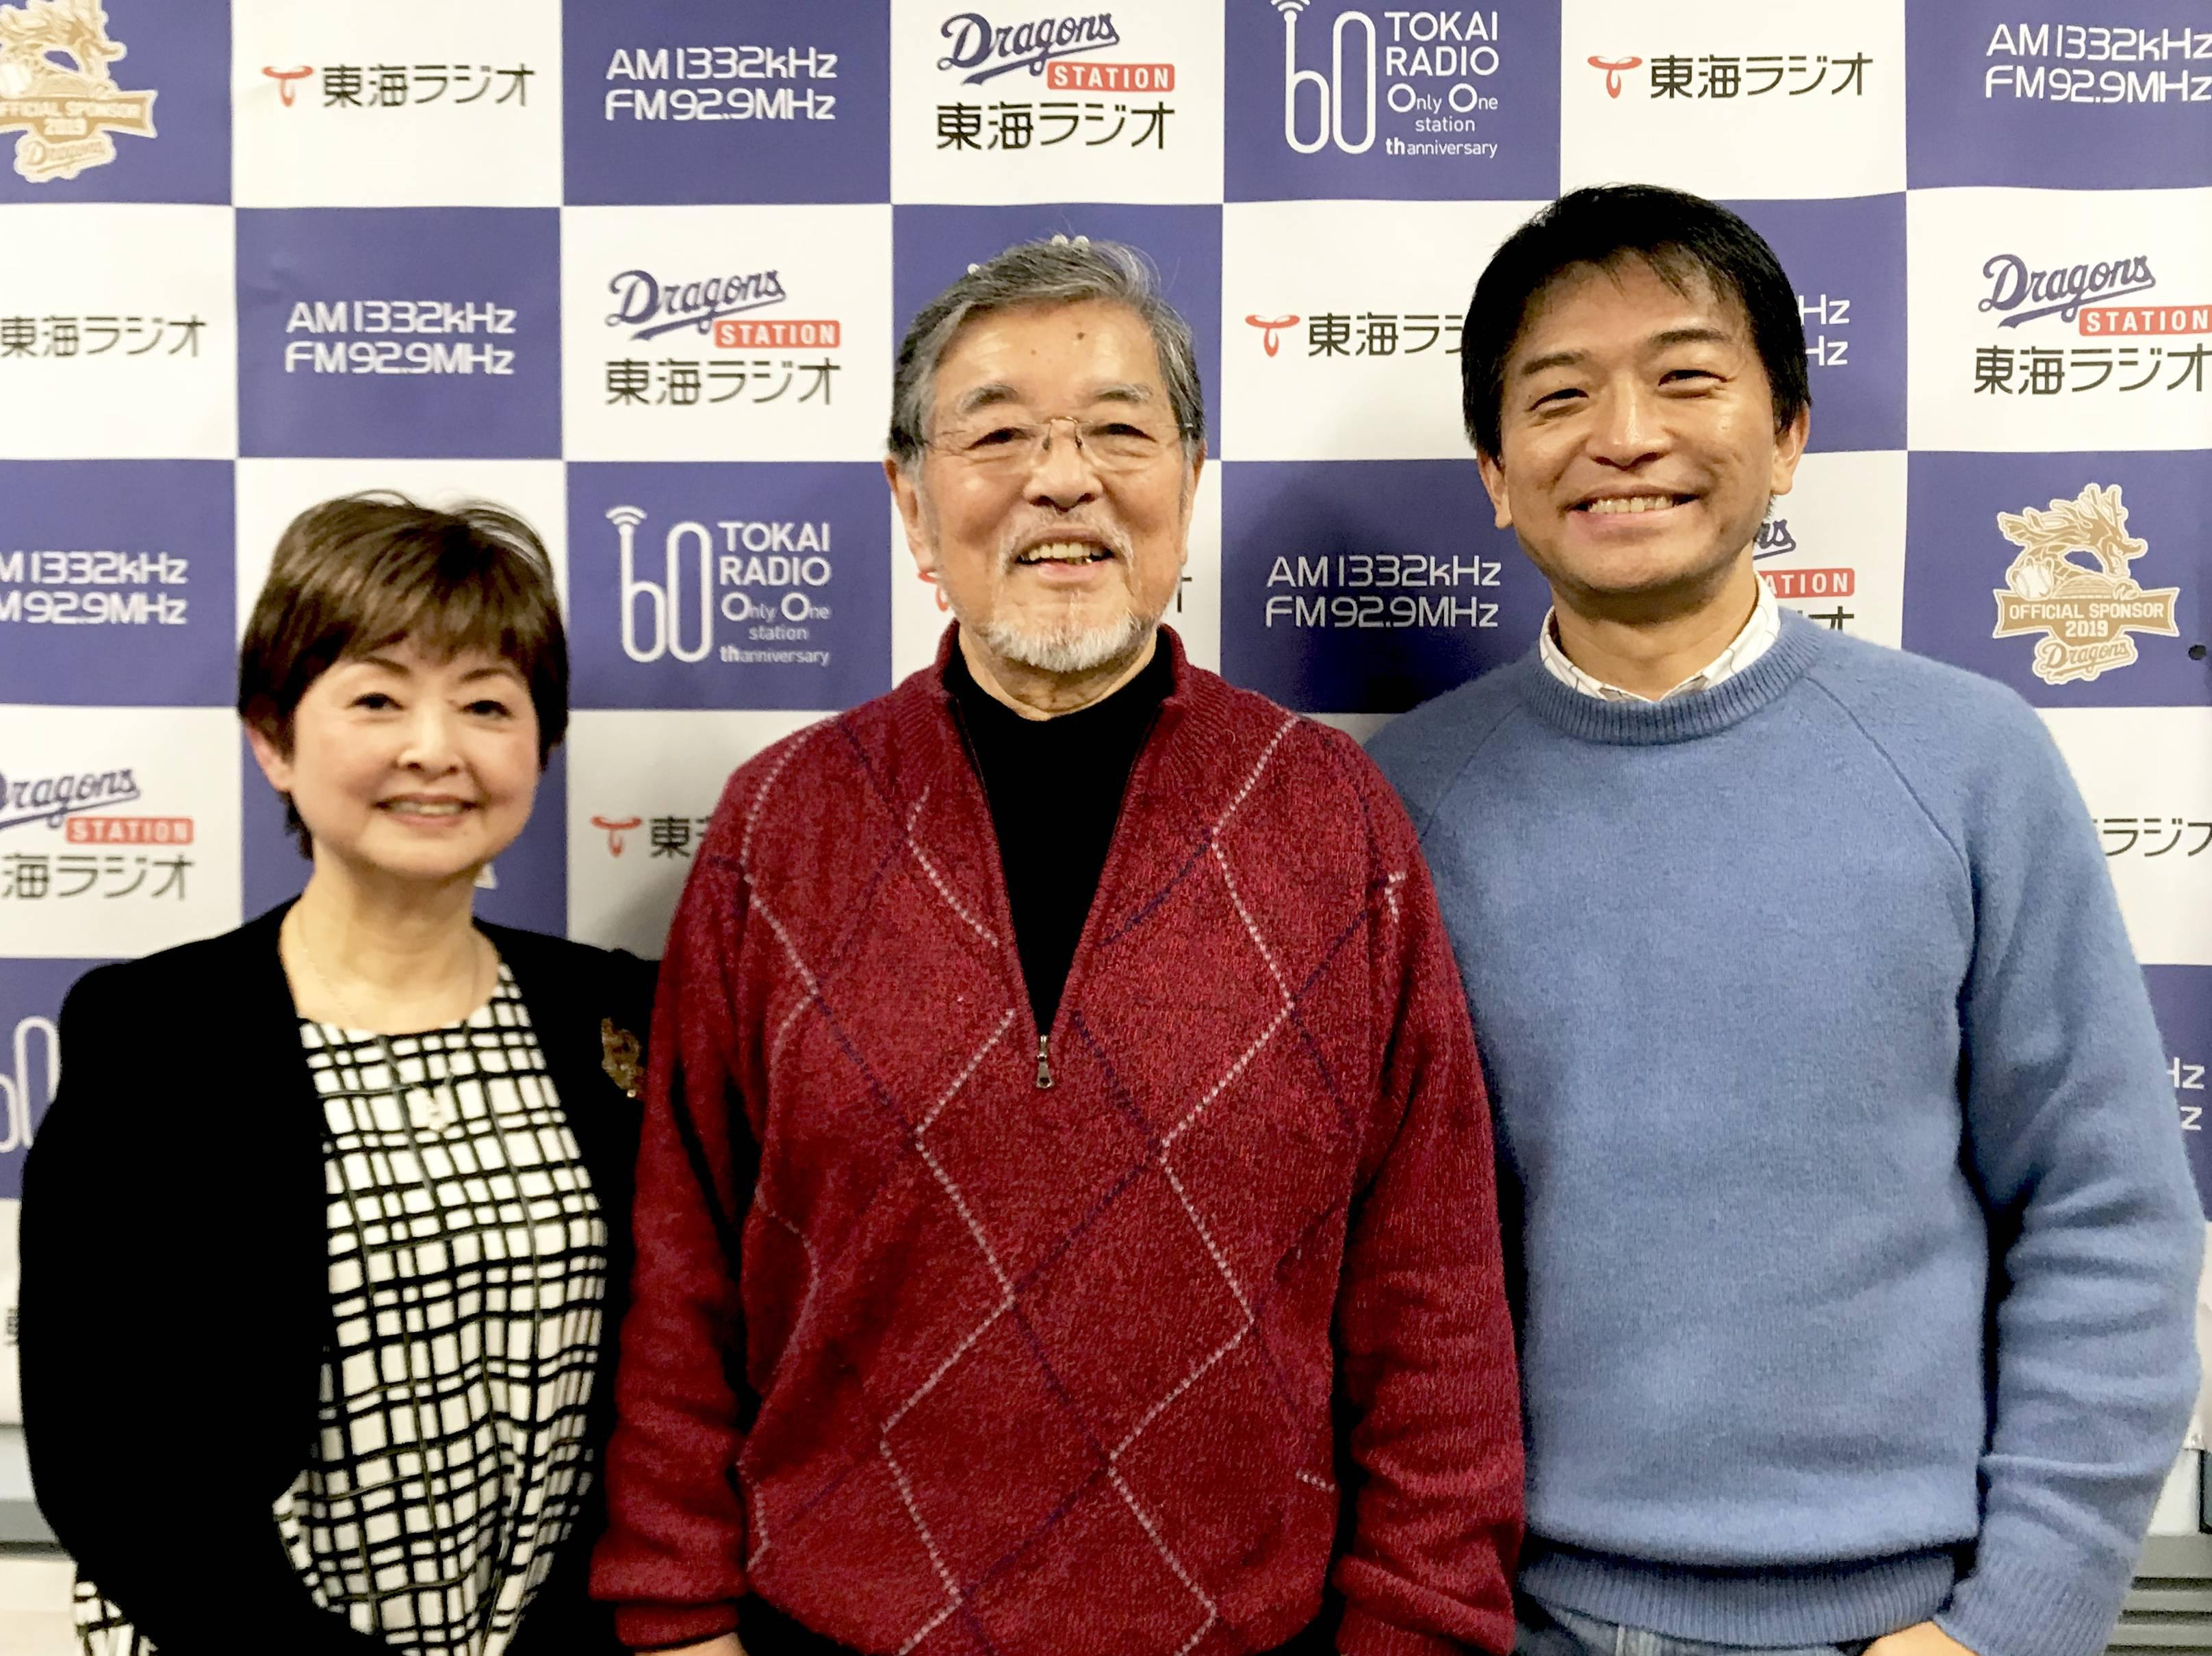 左から、森本曜子客員教授、アマチンさん、小島准教授